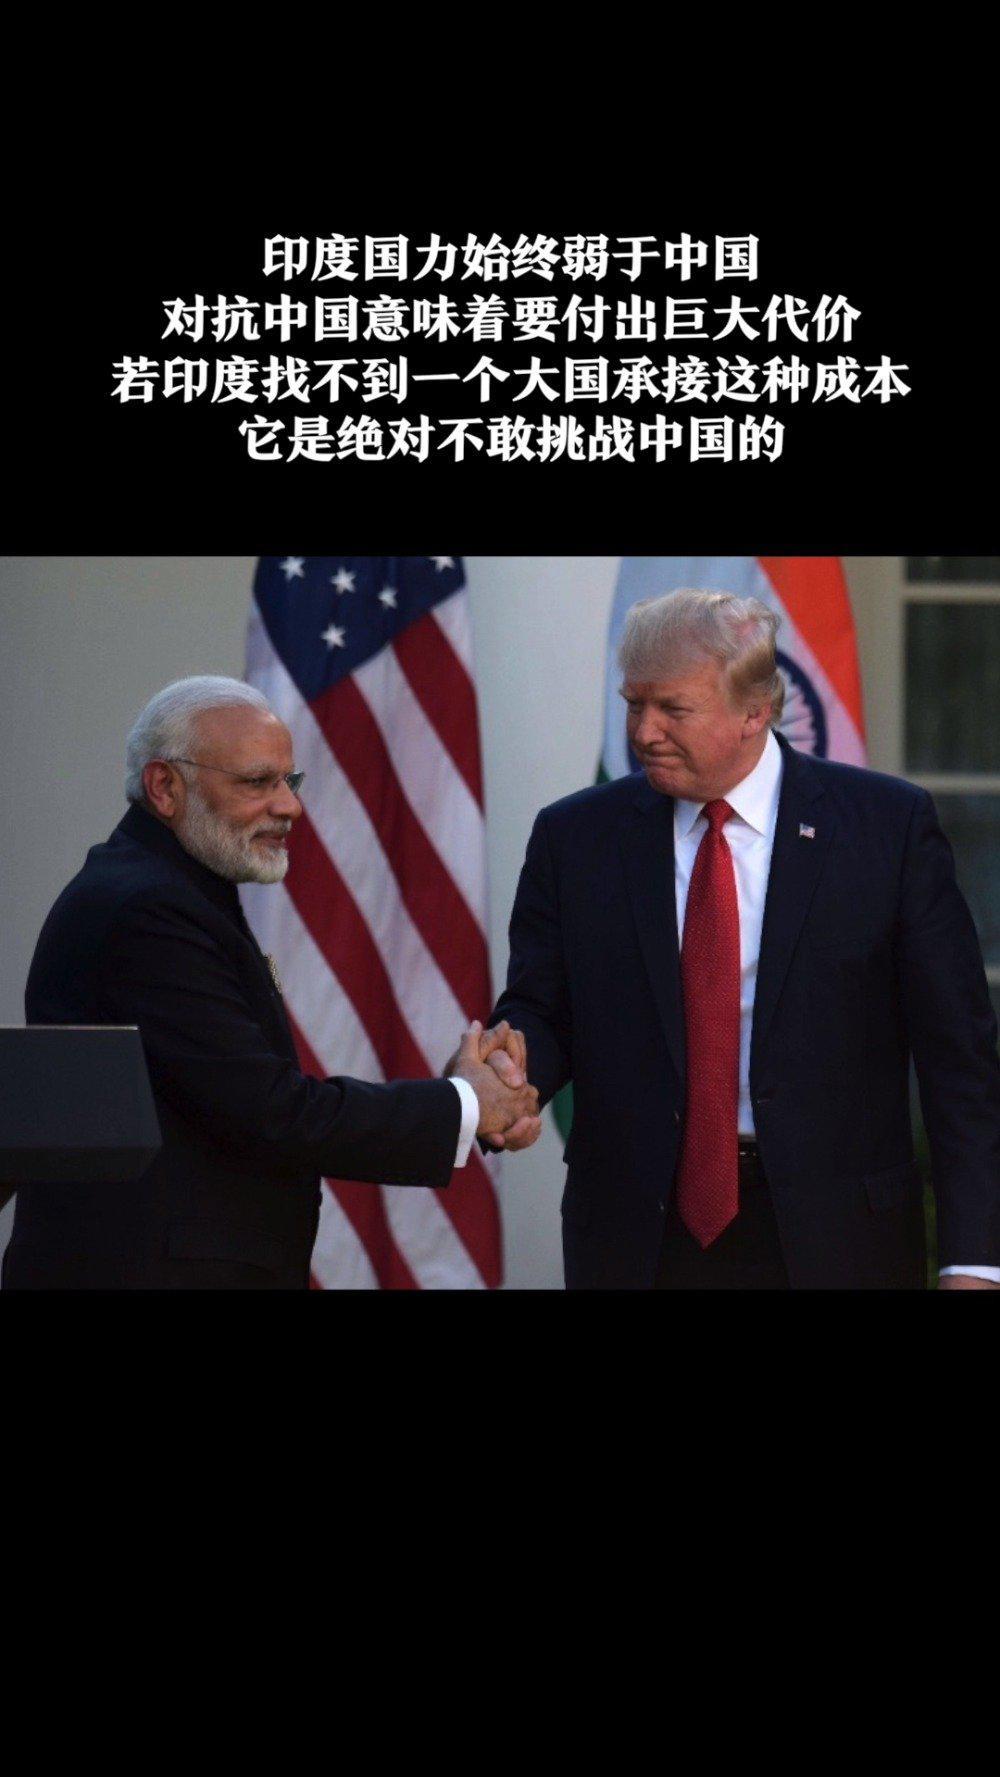 为什么印度在这次对峙中,没有洞朗事件那么强硬?